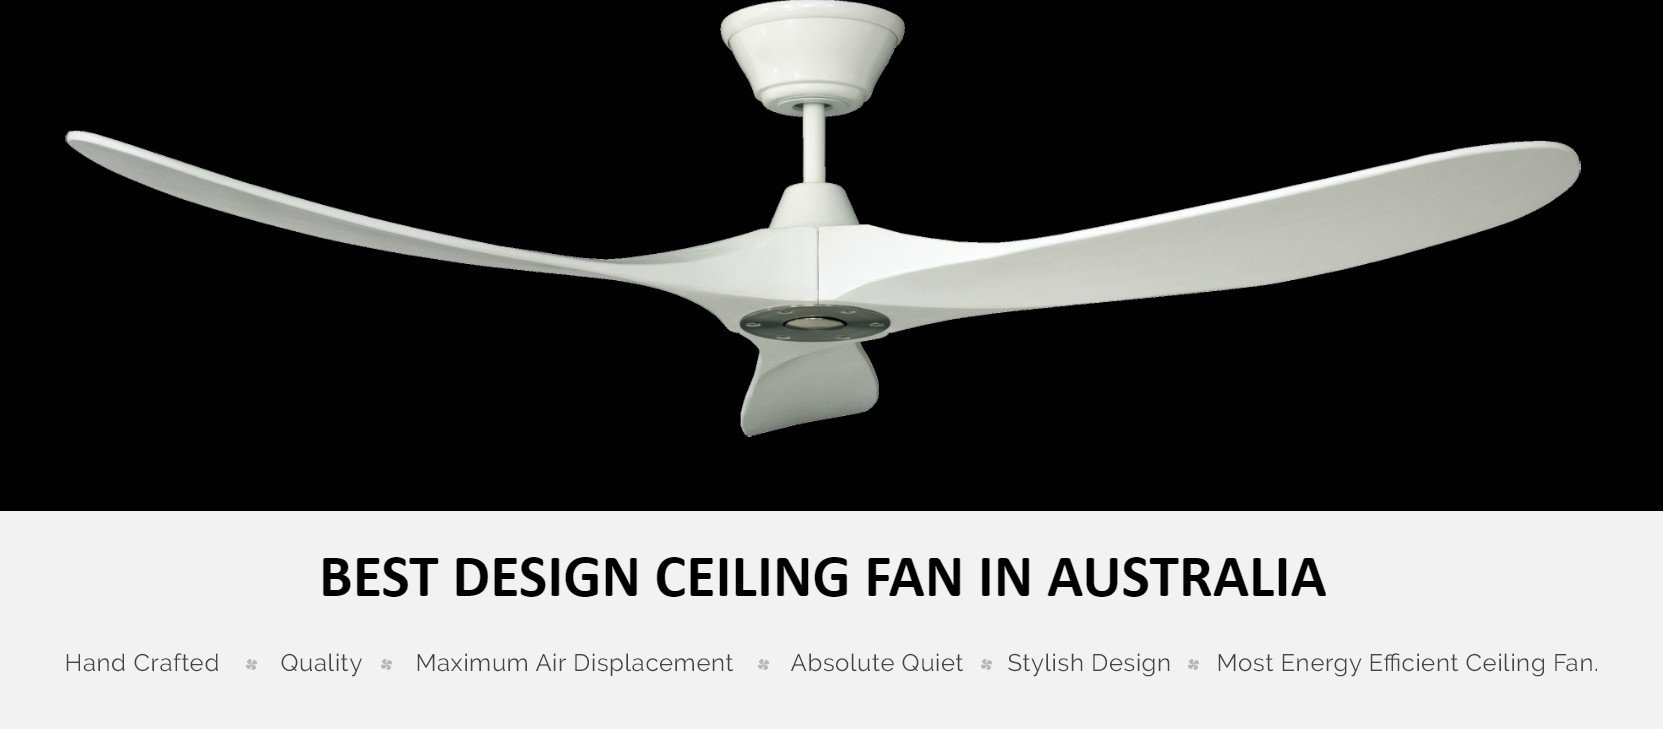 Buy fans online fan shop best online fans shop sydney australia the best ceiling fans online in australia aloadofball Image collections